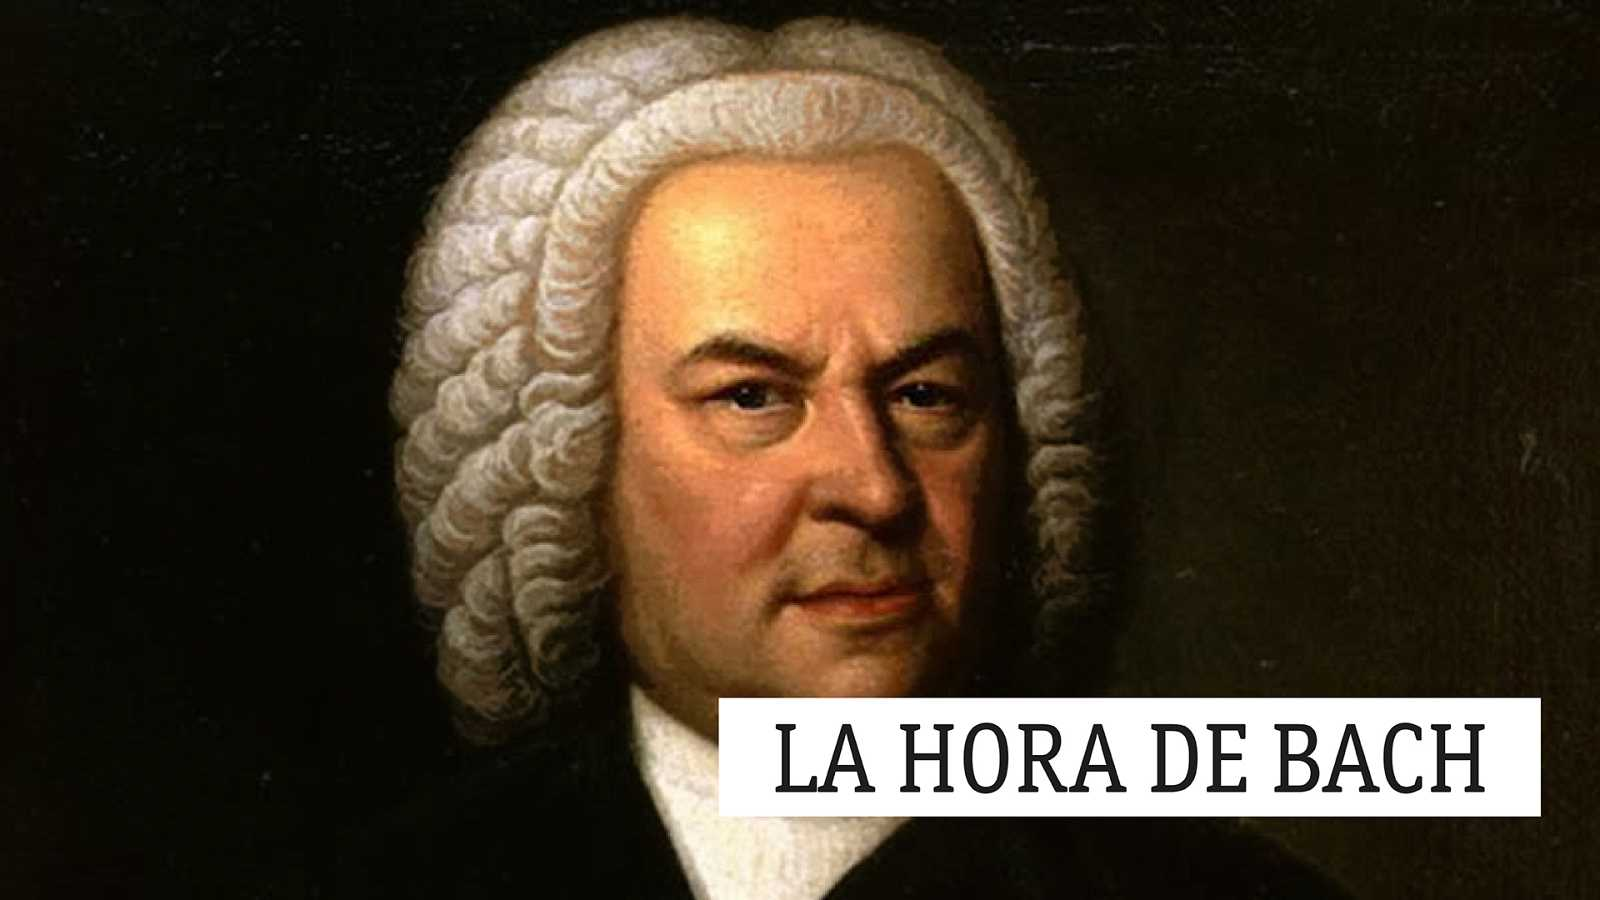 La hora de Bach - 13/03/21 - escuchar ahora